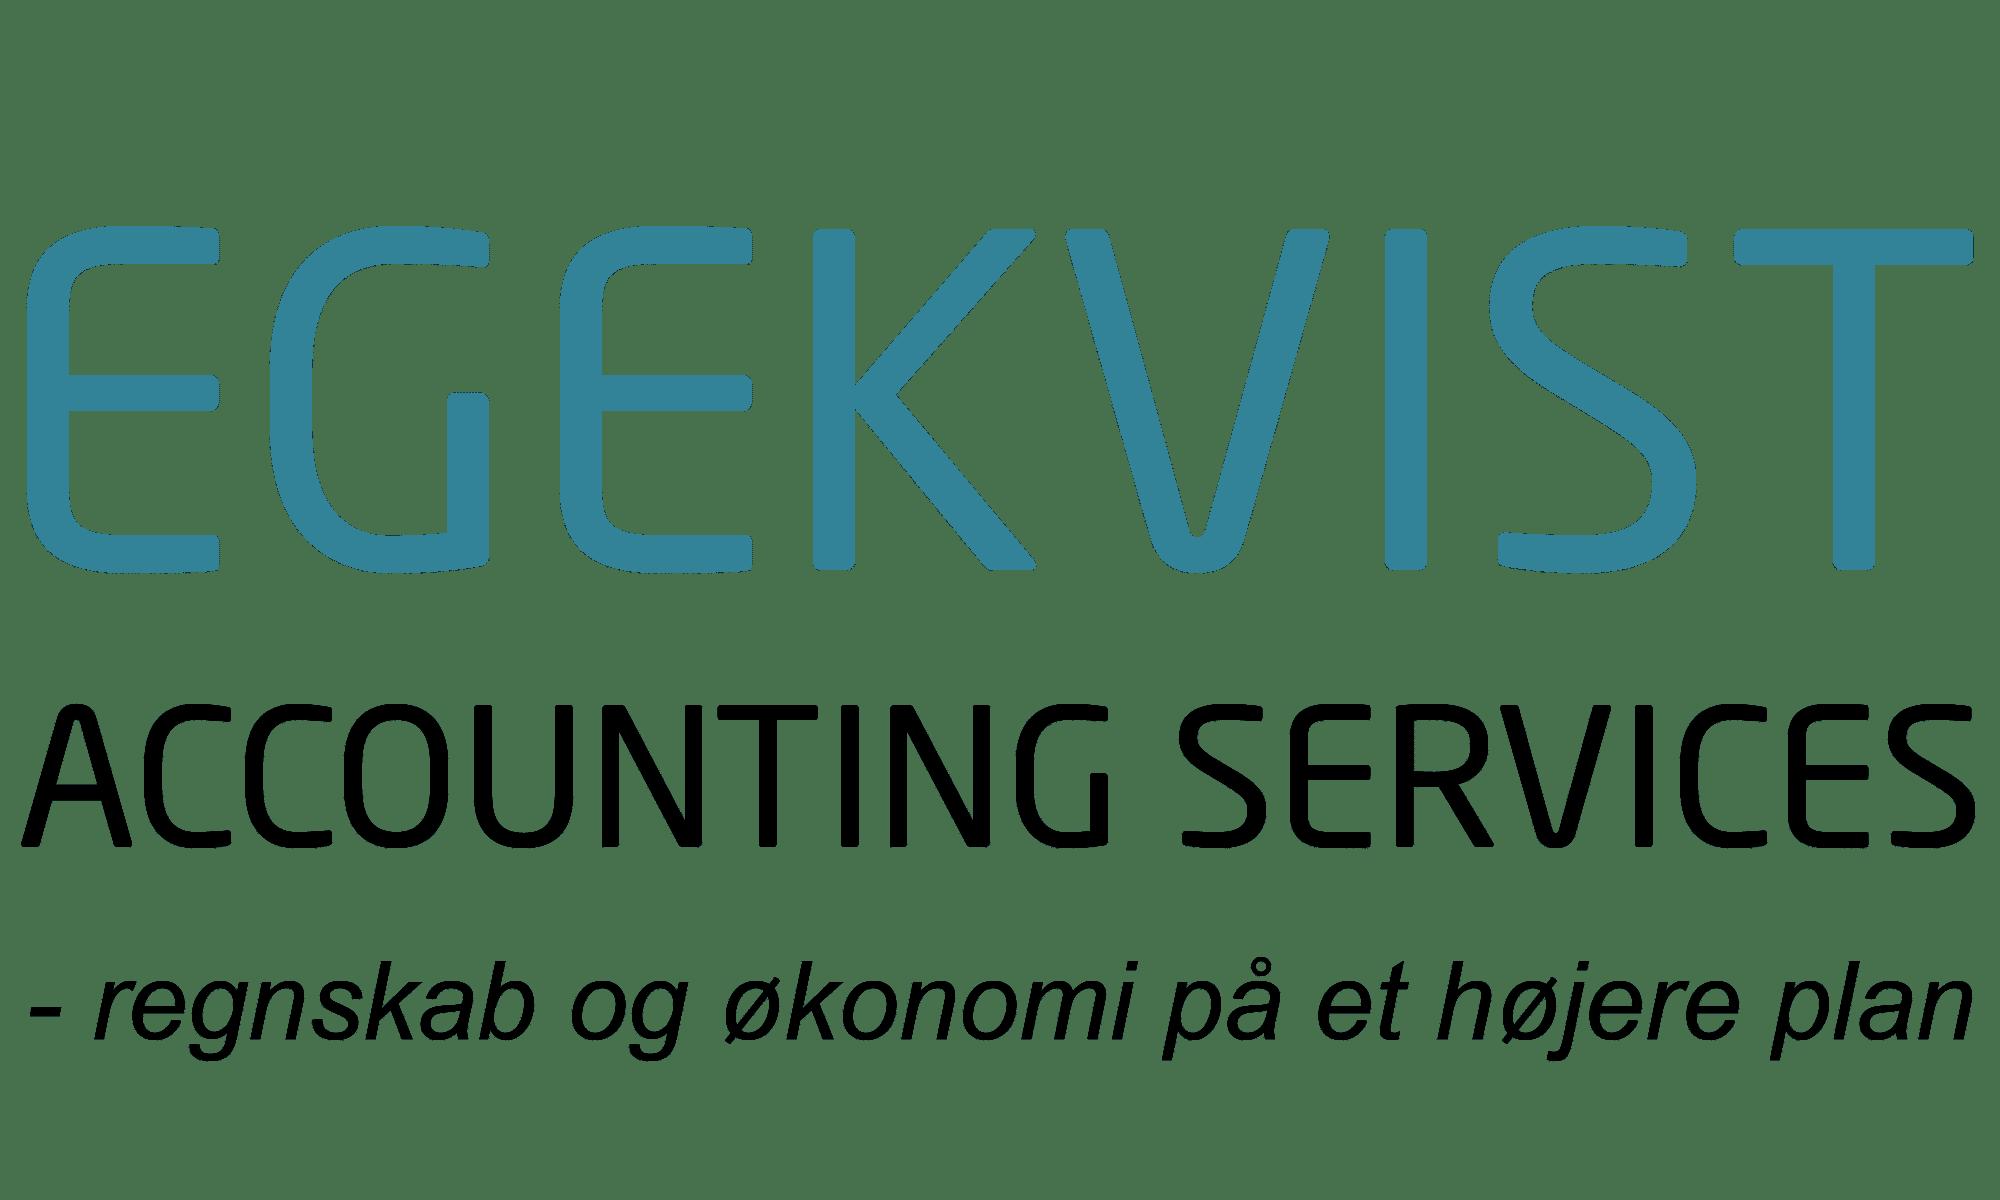 EAS EGEKVIST ACCOUNTING SERVICE v/Asger Egekvist